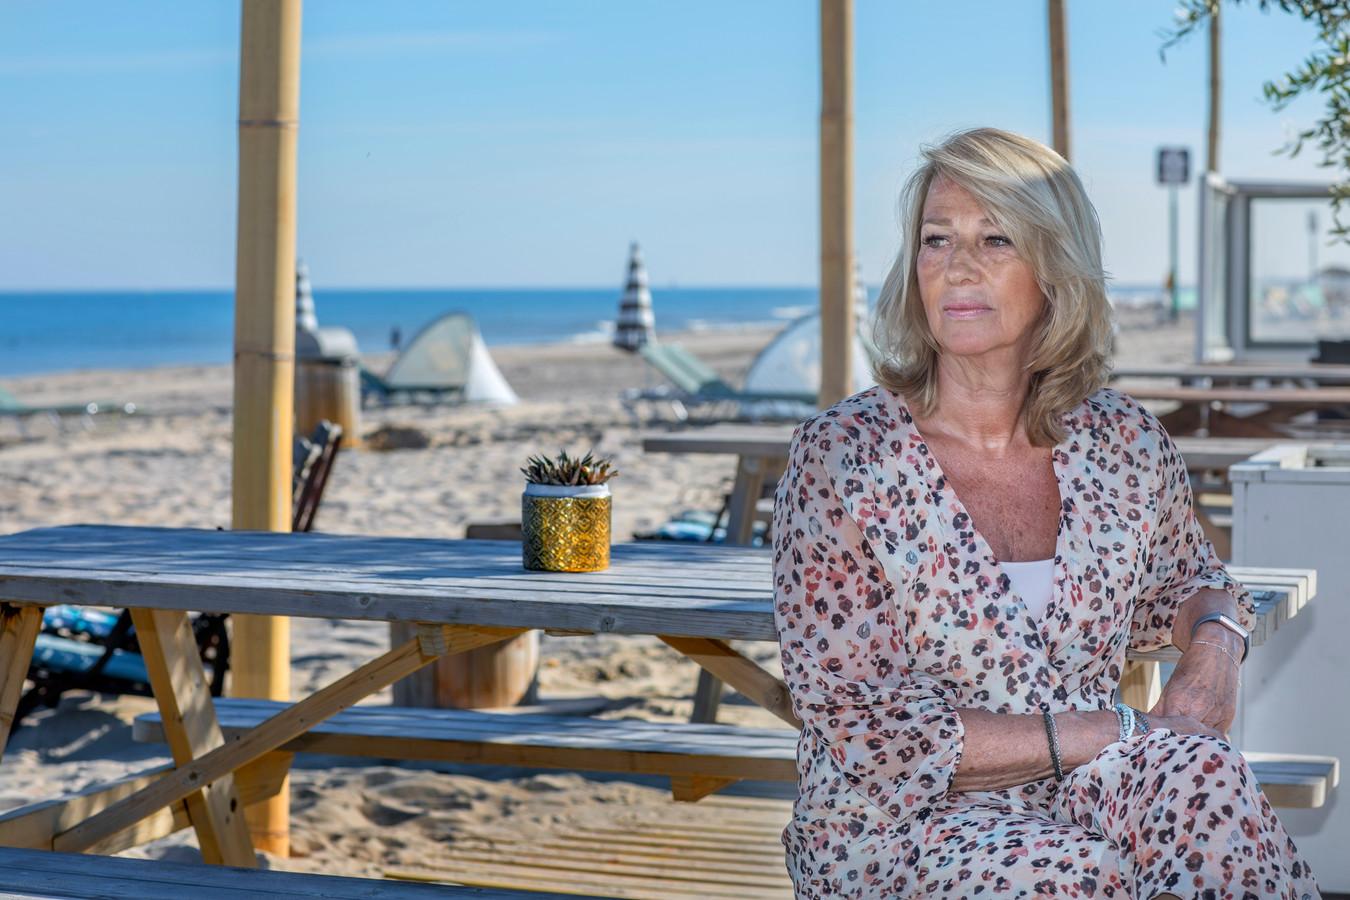 Politiewoordvoerster Annemarie de Mooij gaat met pensioen